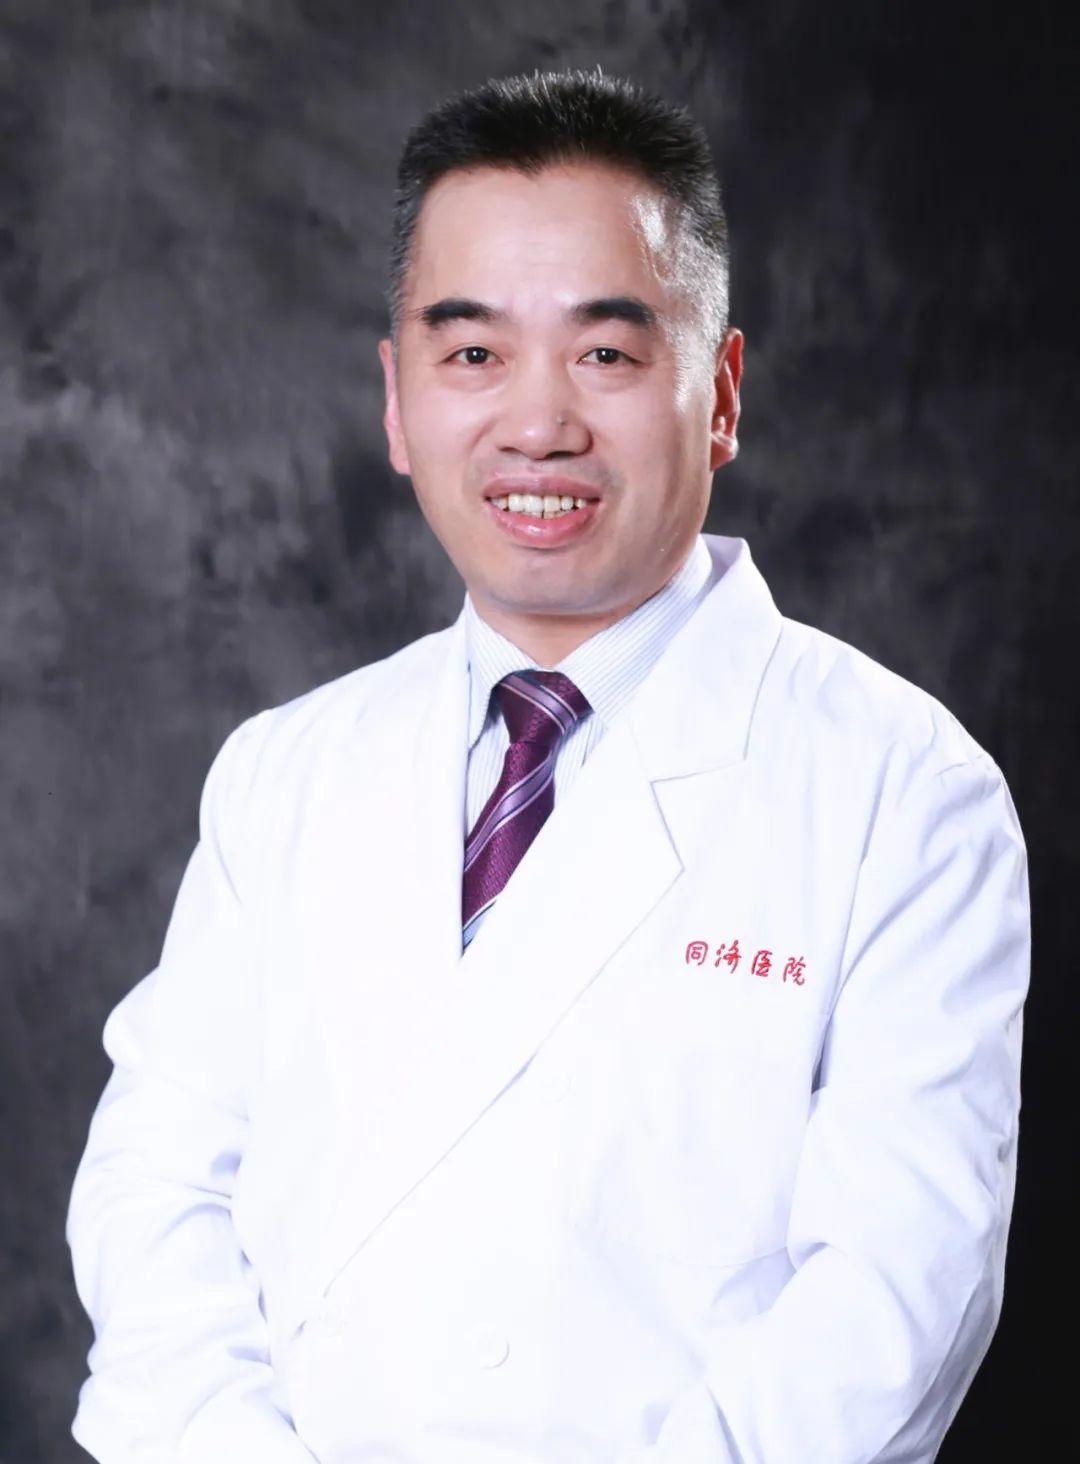 上海市同济医院赵家胜主任教你如何辨别内分泌高血压